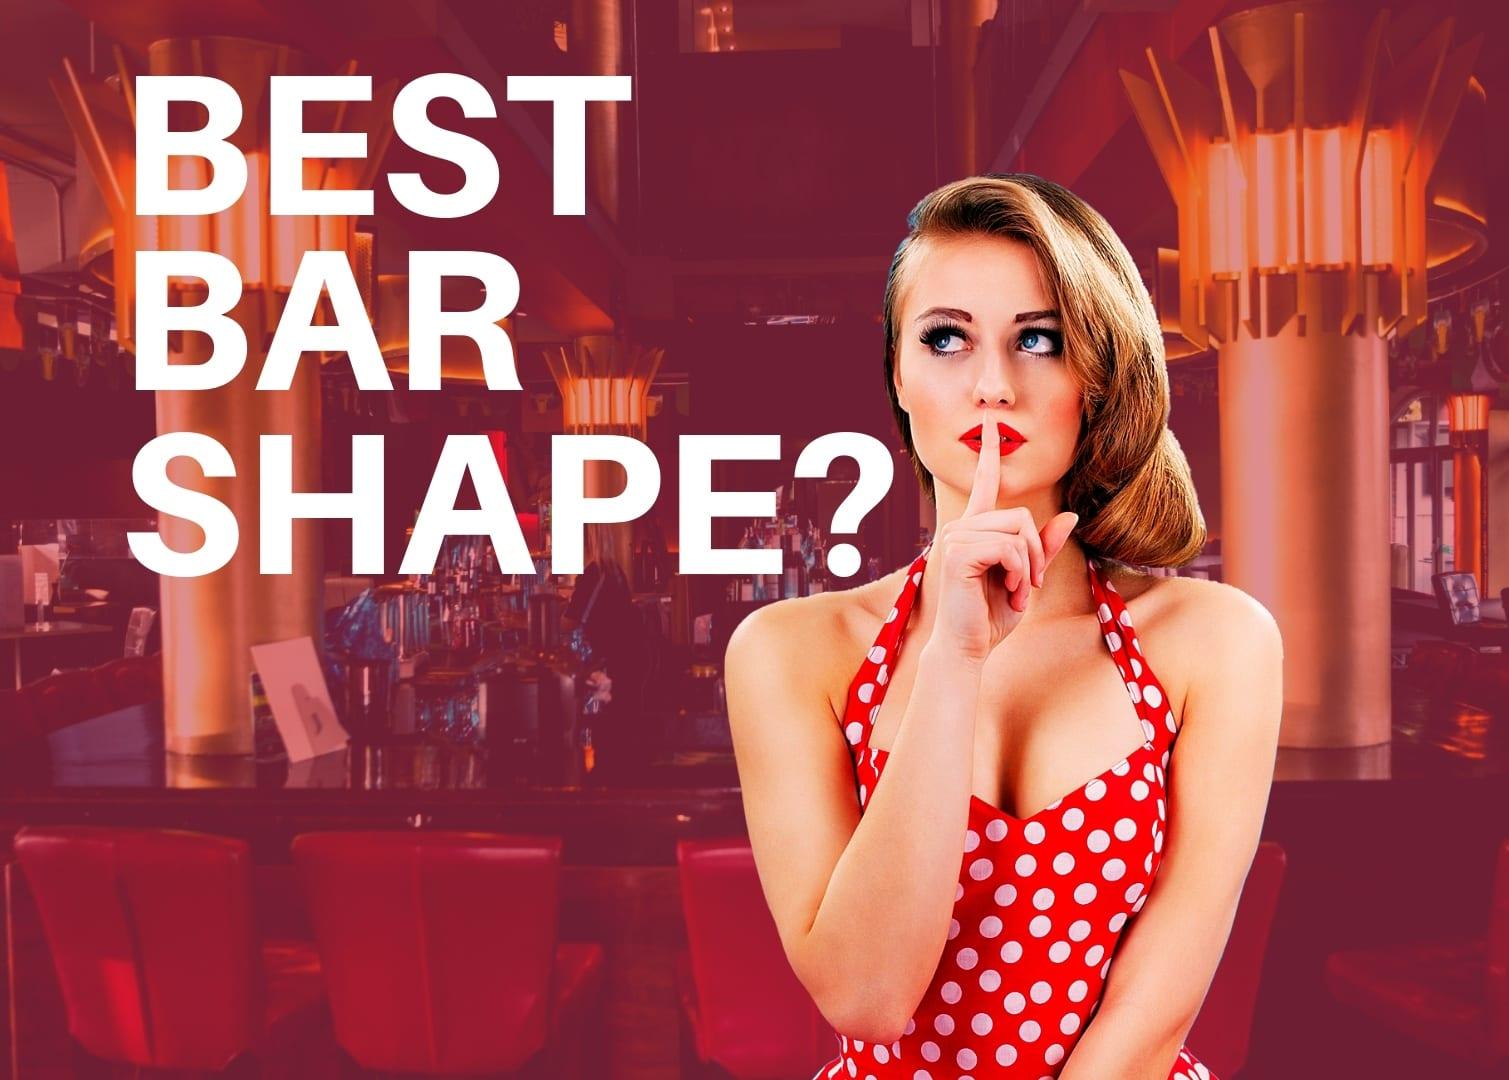 WHATS-THE-BEST-BAR-SHAPE-TN